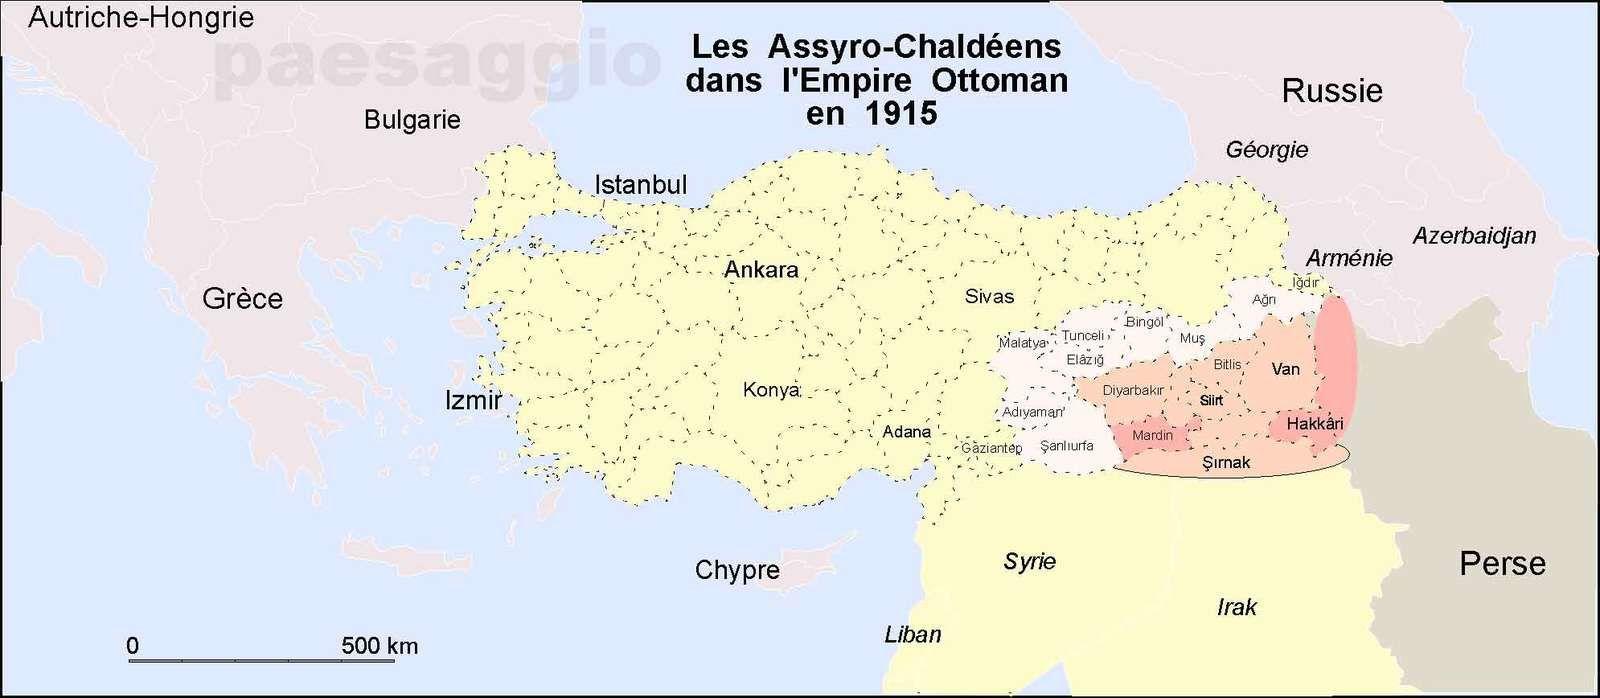 Proche-Orient : le génocide oublié des Assyro-Chaldéens